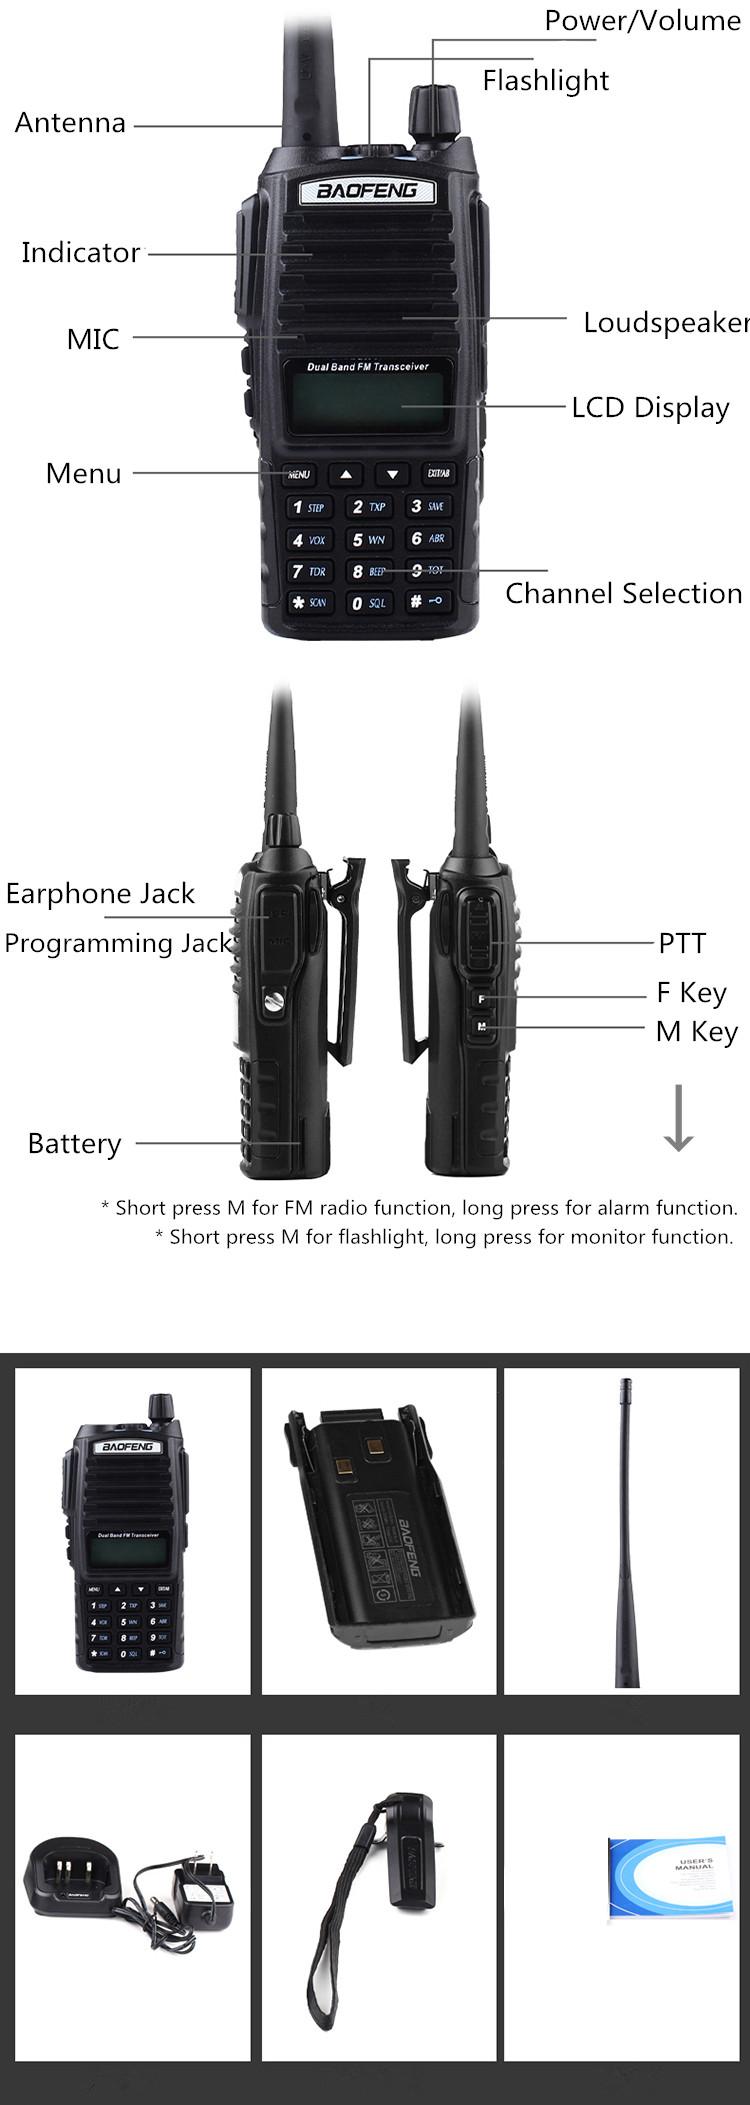 Оригинальные 5 Вт Baofeng УФ 82 рации портативные двухдиапазонный УКВ 136-174 МГц 400-520 МГц 8 Вт Baofeng УФ-82 UV82 82 любительское радио Баофэн УФ-5R